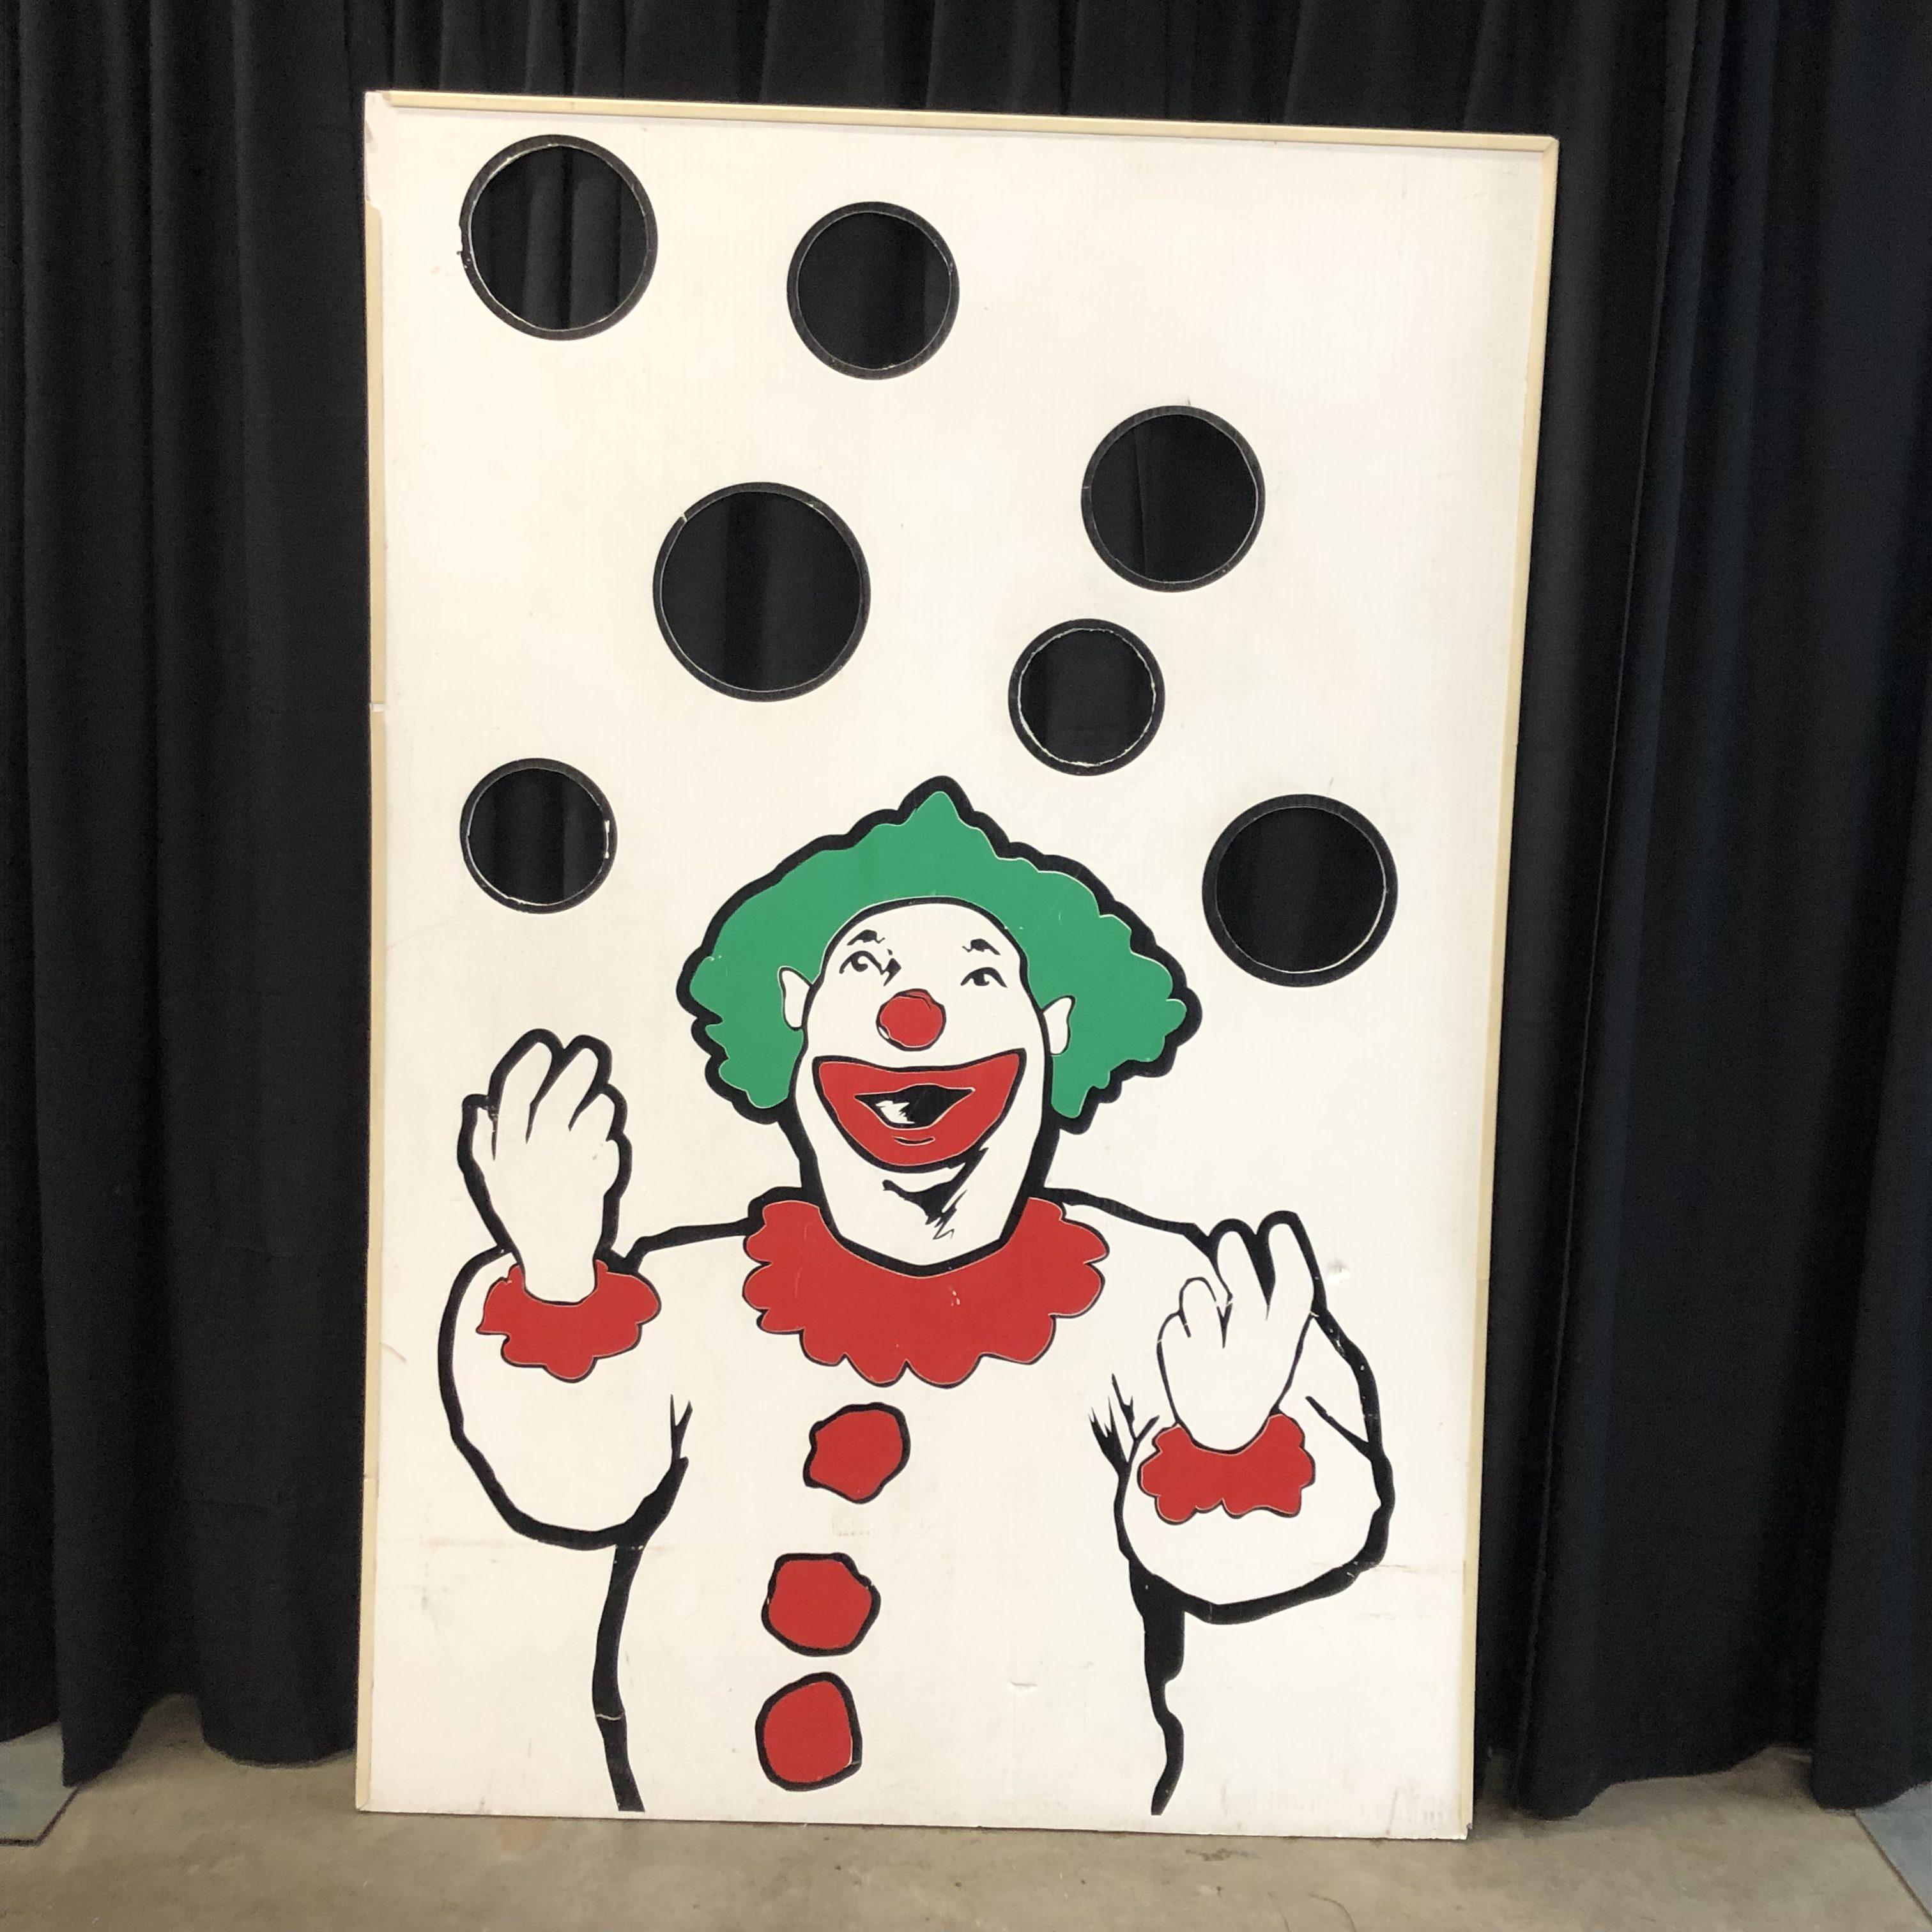 Circus Fun Image